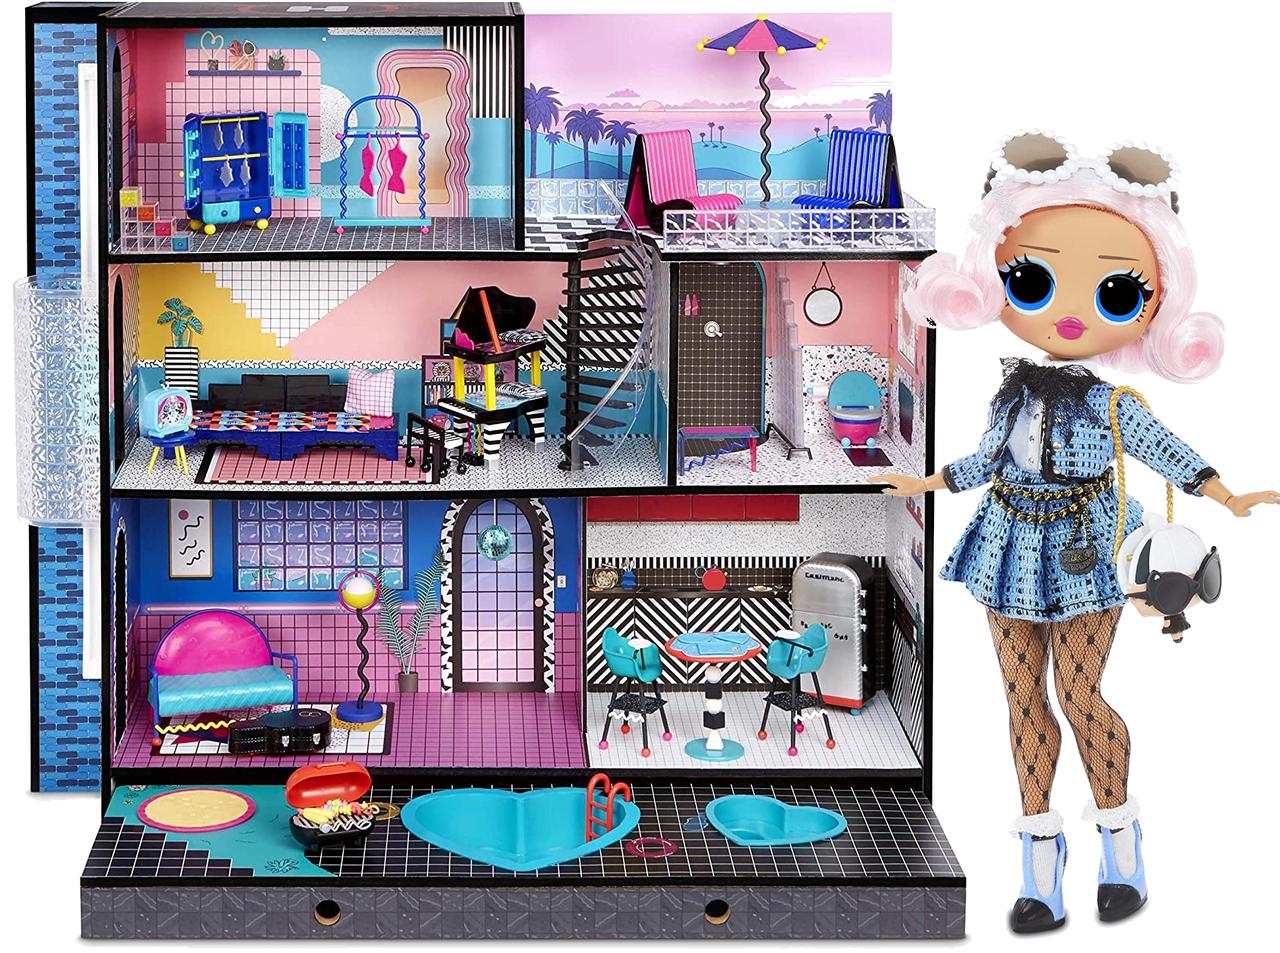 Домик для кукол ЛОЛ Оригинал L.O.L. Surprise OMG House с бассейном и куклой ЛОЛ Сюрприз ОМГ Uptown Girl 577270